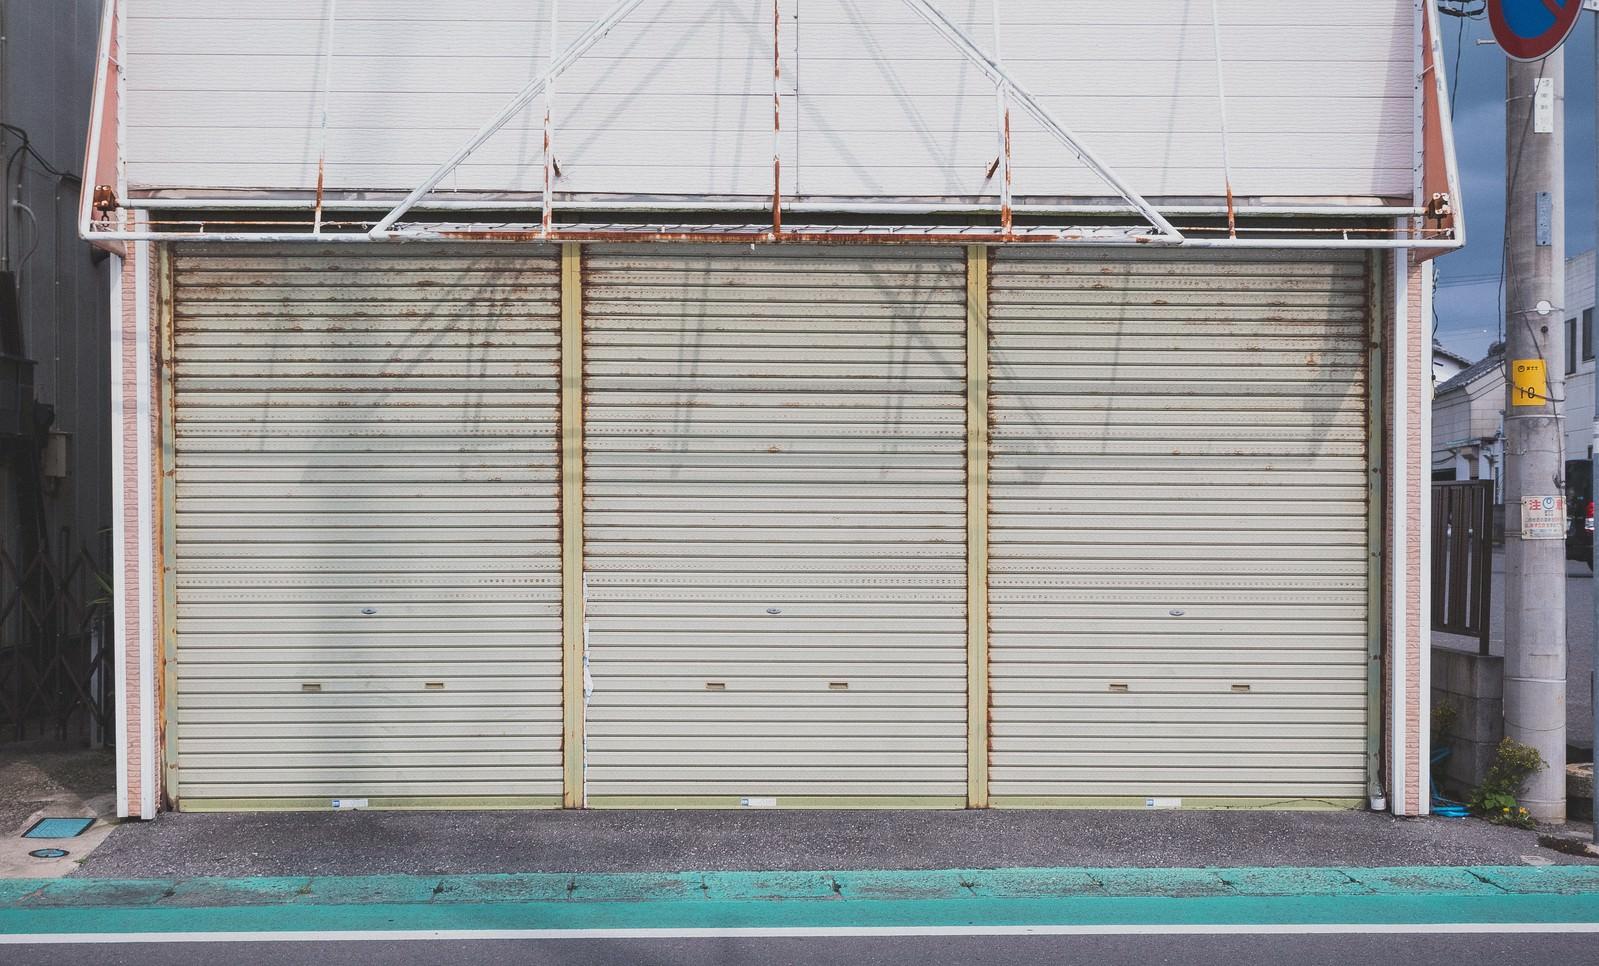 「お店のシャッターお店のシャッター」のフリー写真素材を拡大